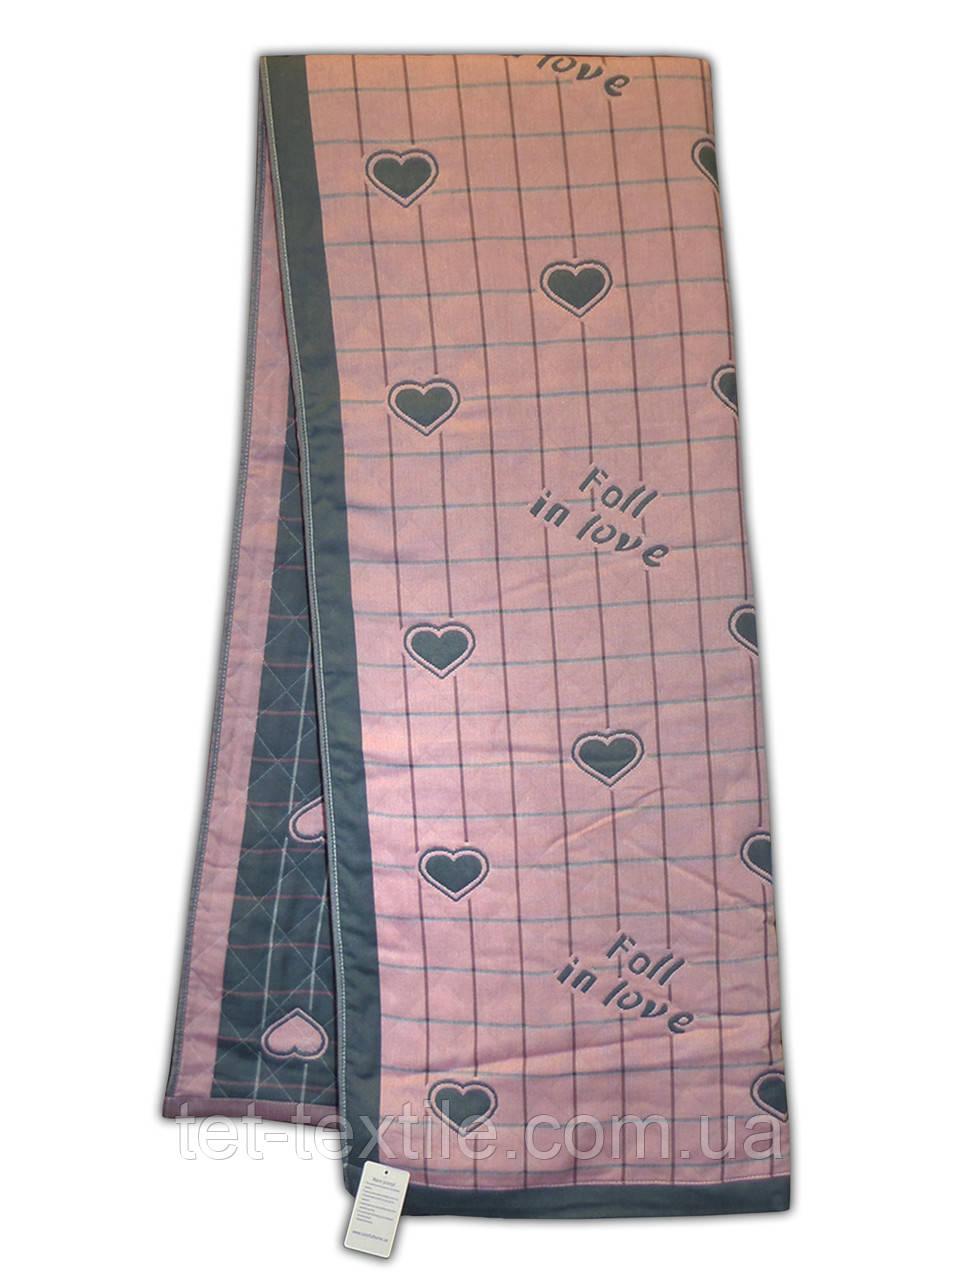 Покрывало льняное Сердечки, бледно-розовое 220х240 см.